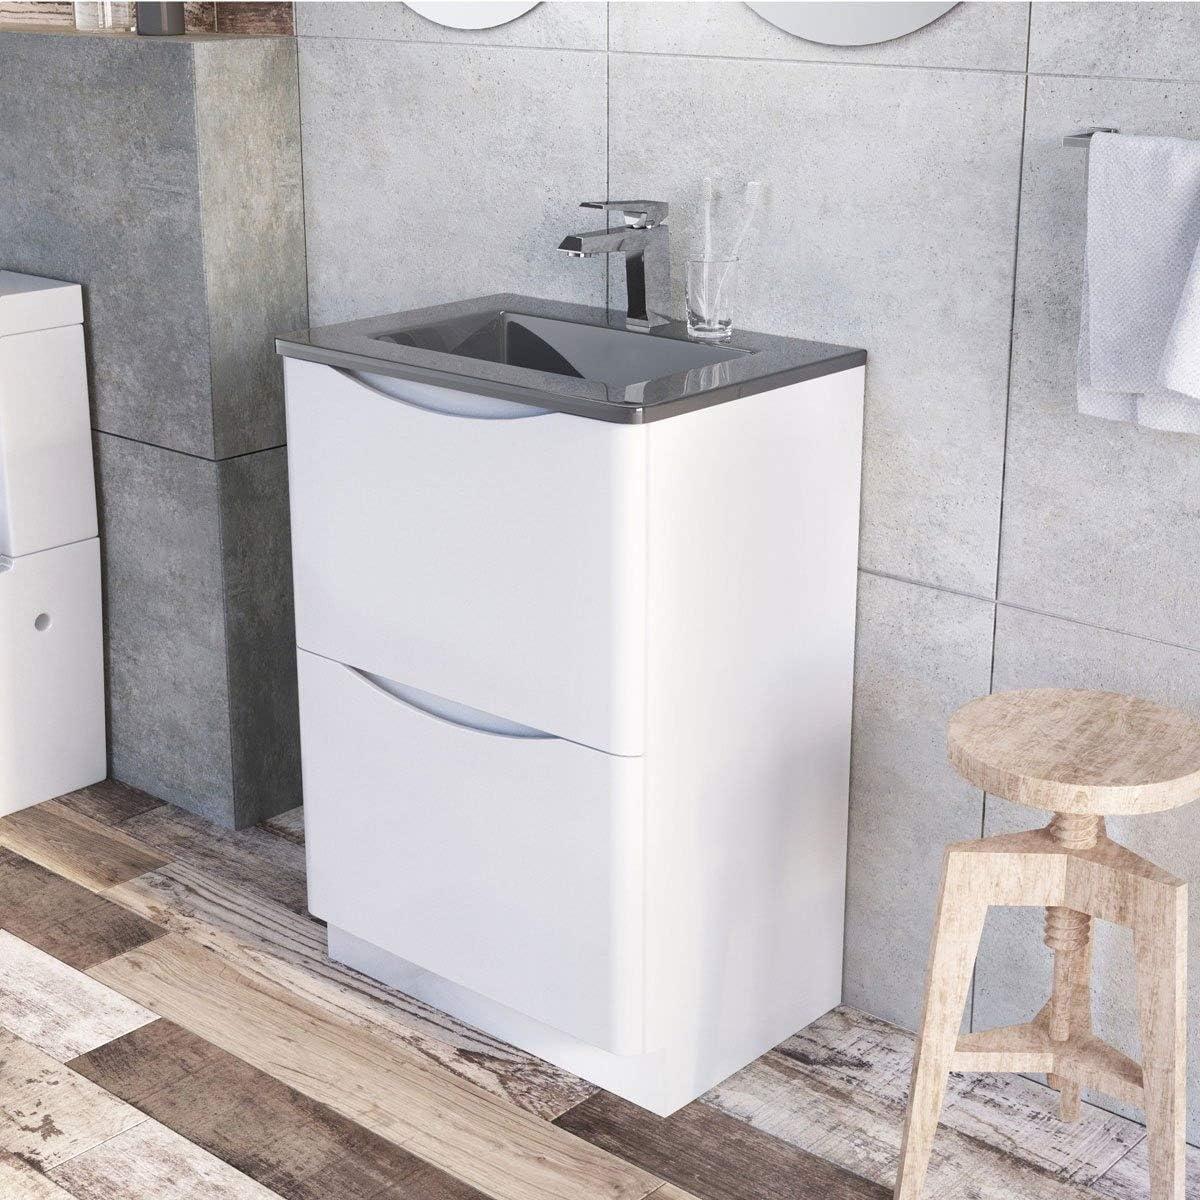 The Bath People Eaton Vanity Units Bathroom Vanity Units Bathroom Units Floor 600mm Grey Glass Basin Amazon Co Uk Kitchen Home